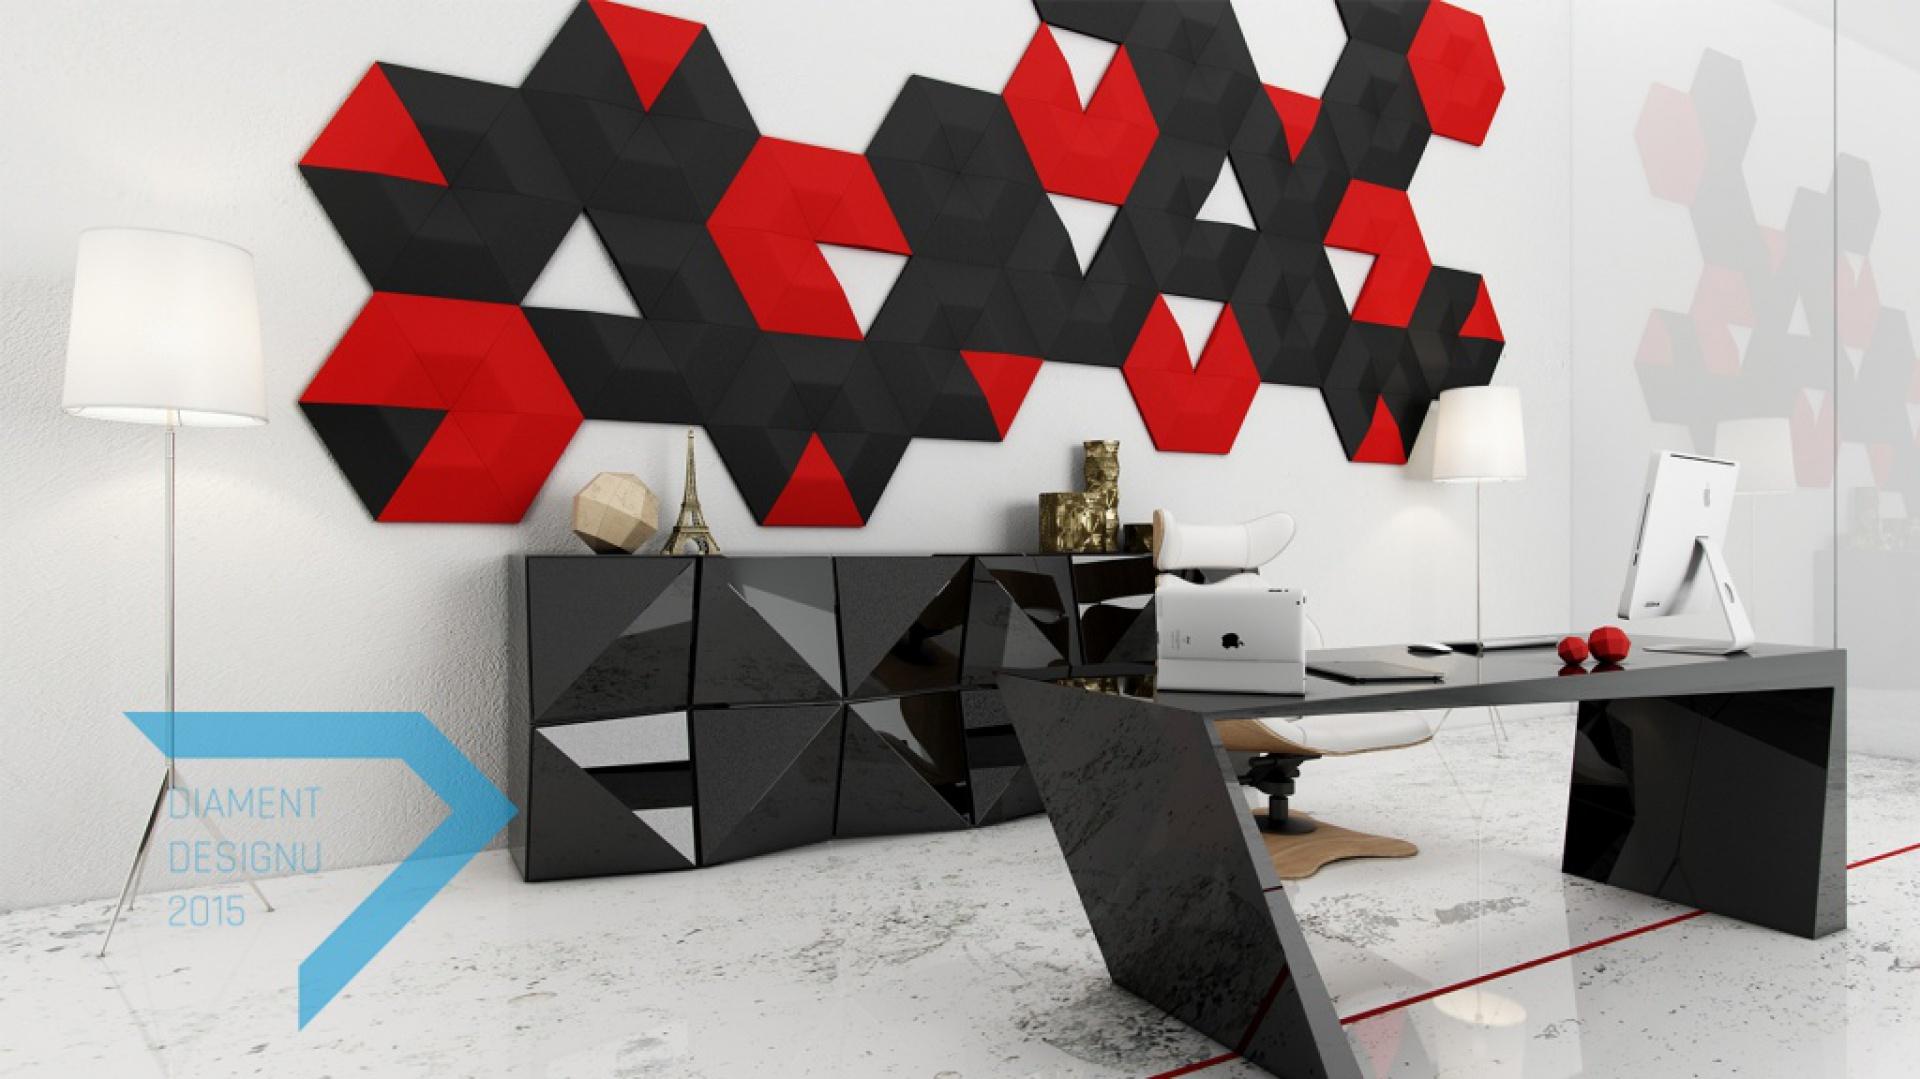 Pierwsze miejsce w konkursie zdobyła firma Fluffo − Fabryka Miękkich Ścian za miękkie panele ścienne 3D pokryte strukturą Fluffo.